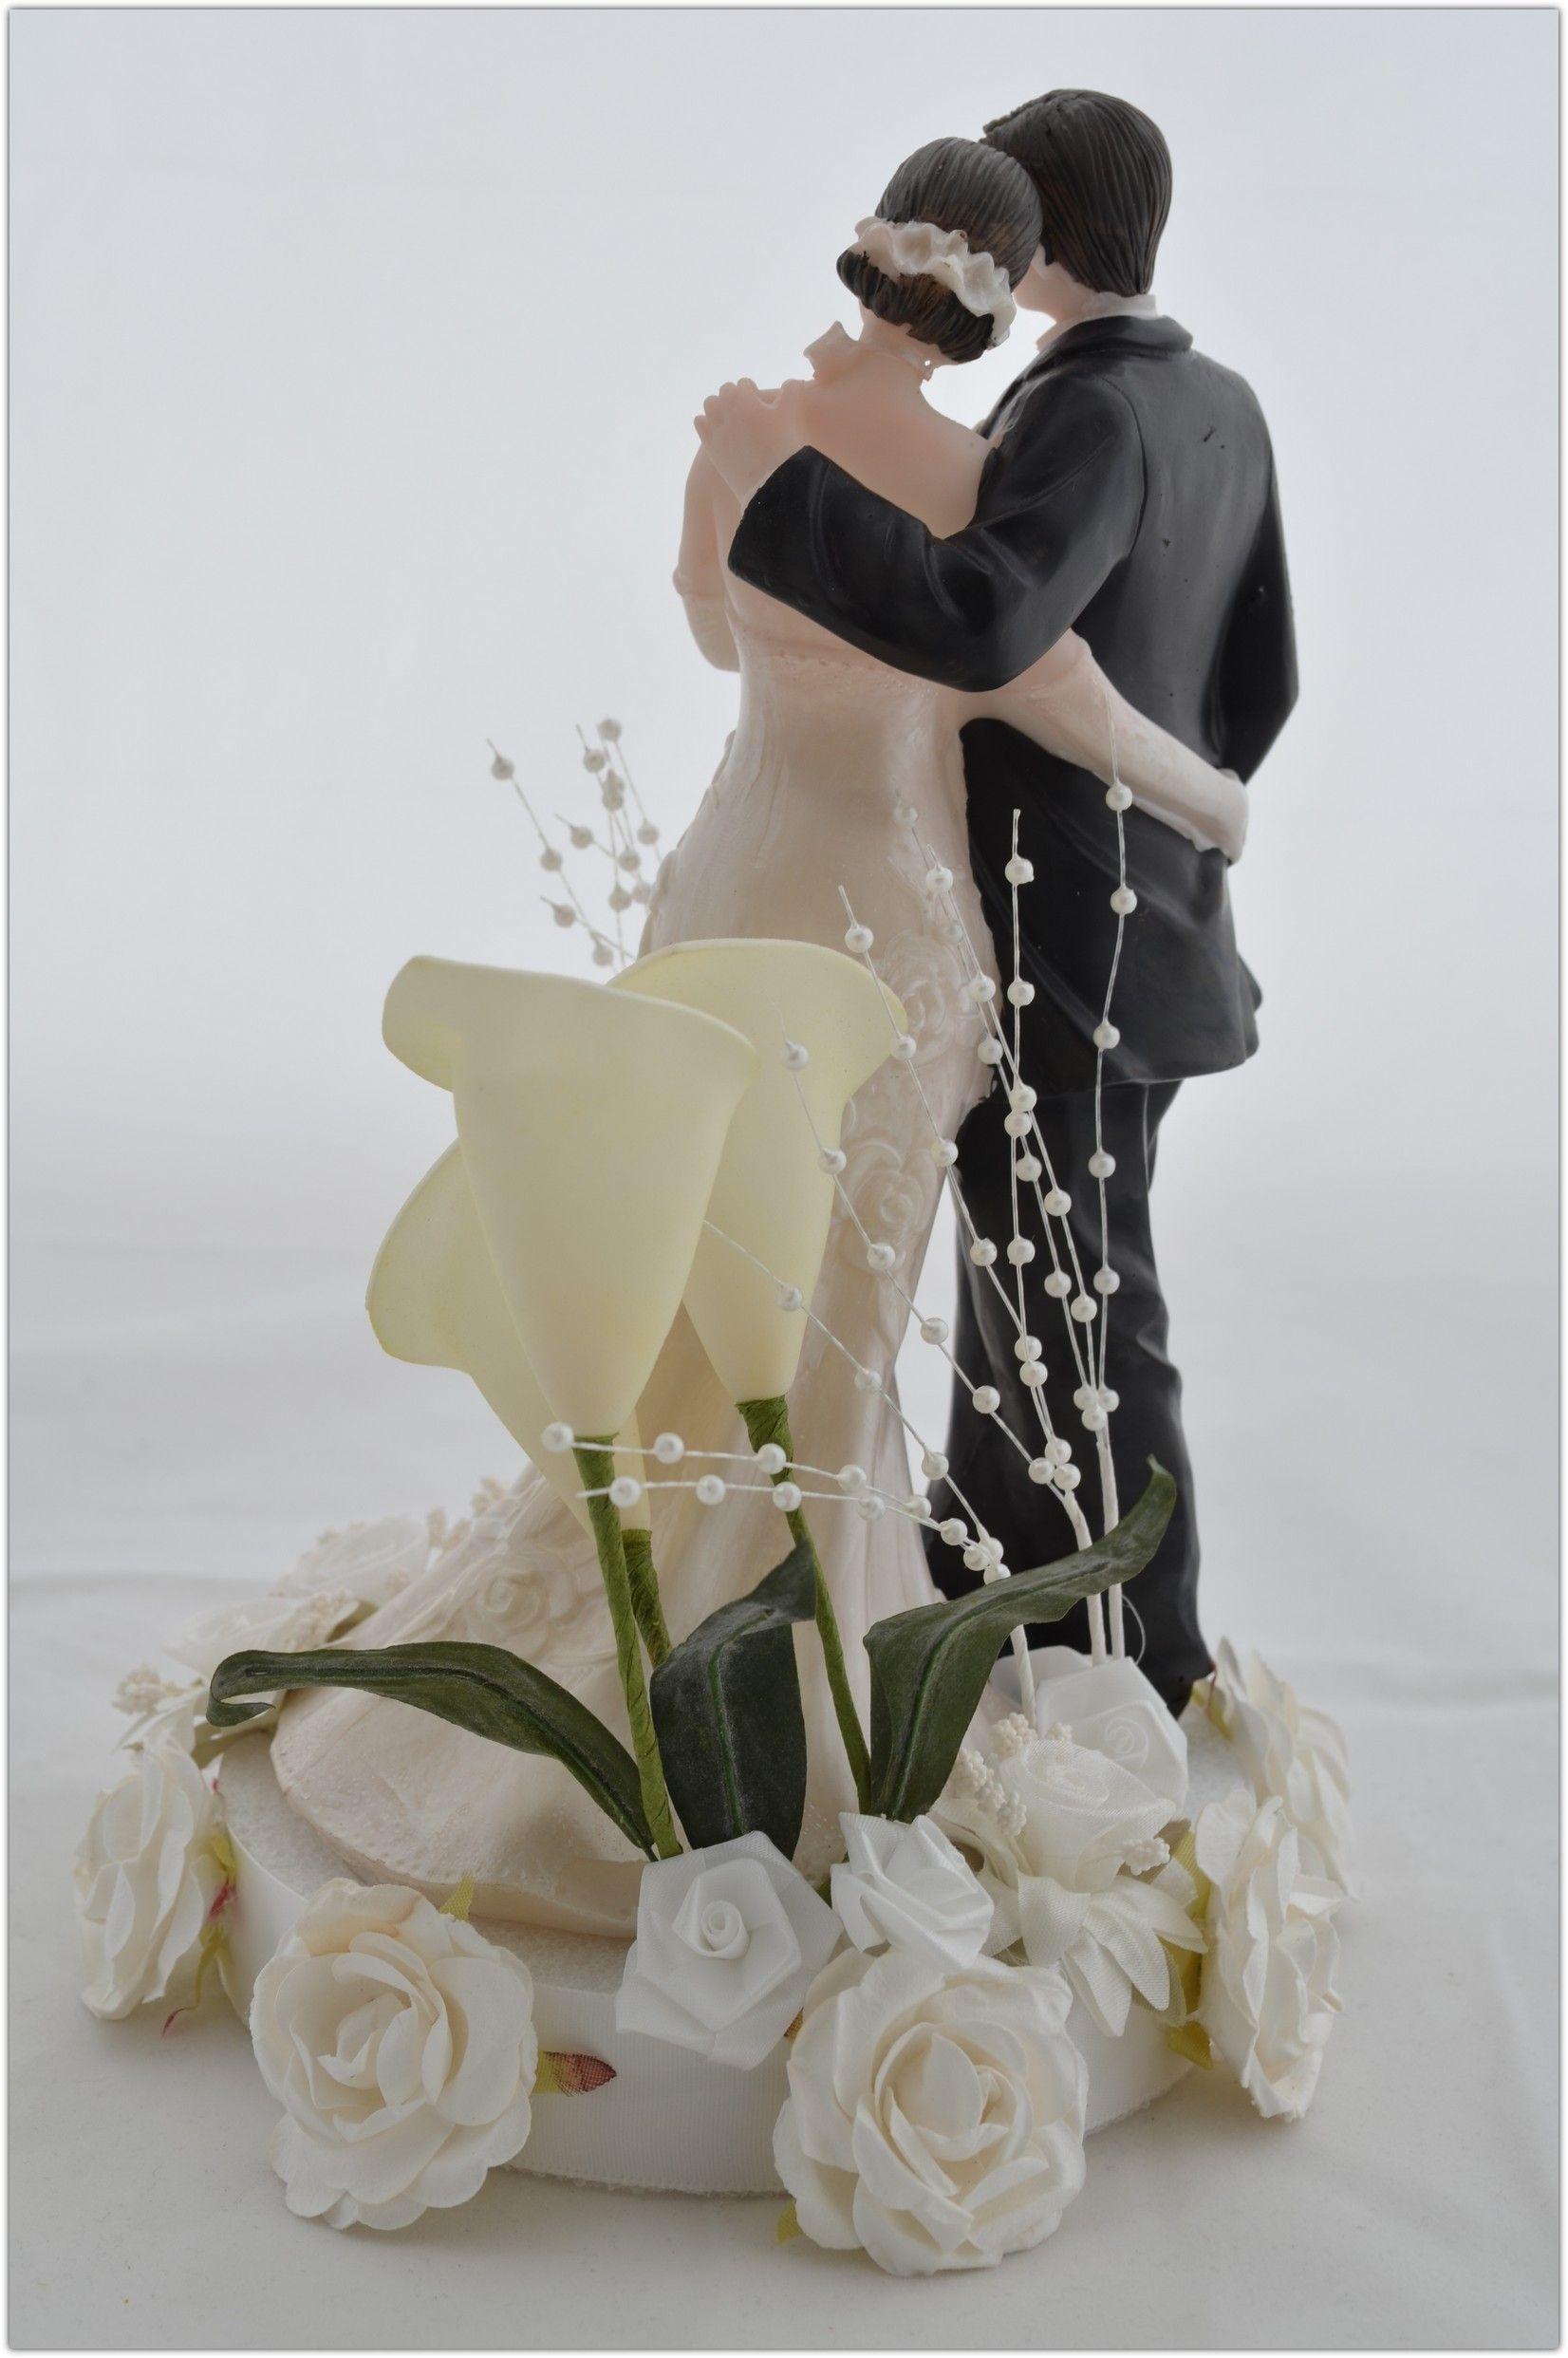 Recuerdos de mesa para boda centros de mesas - Adornos de mesa ...